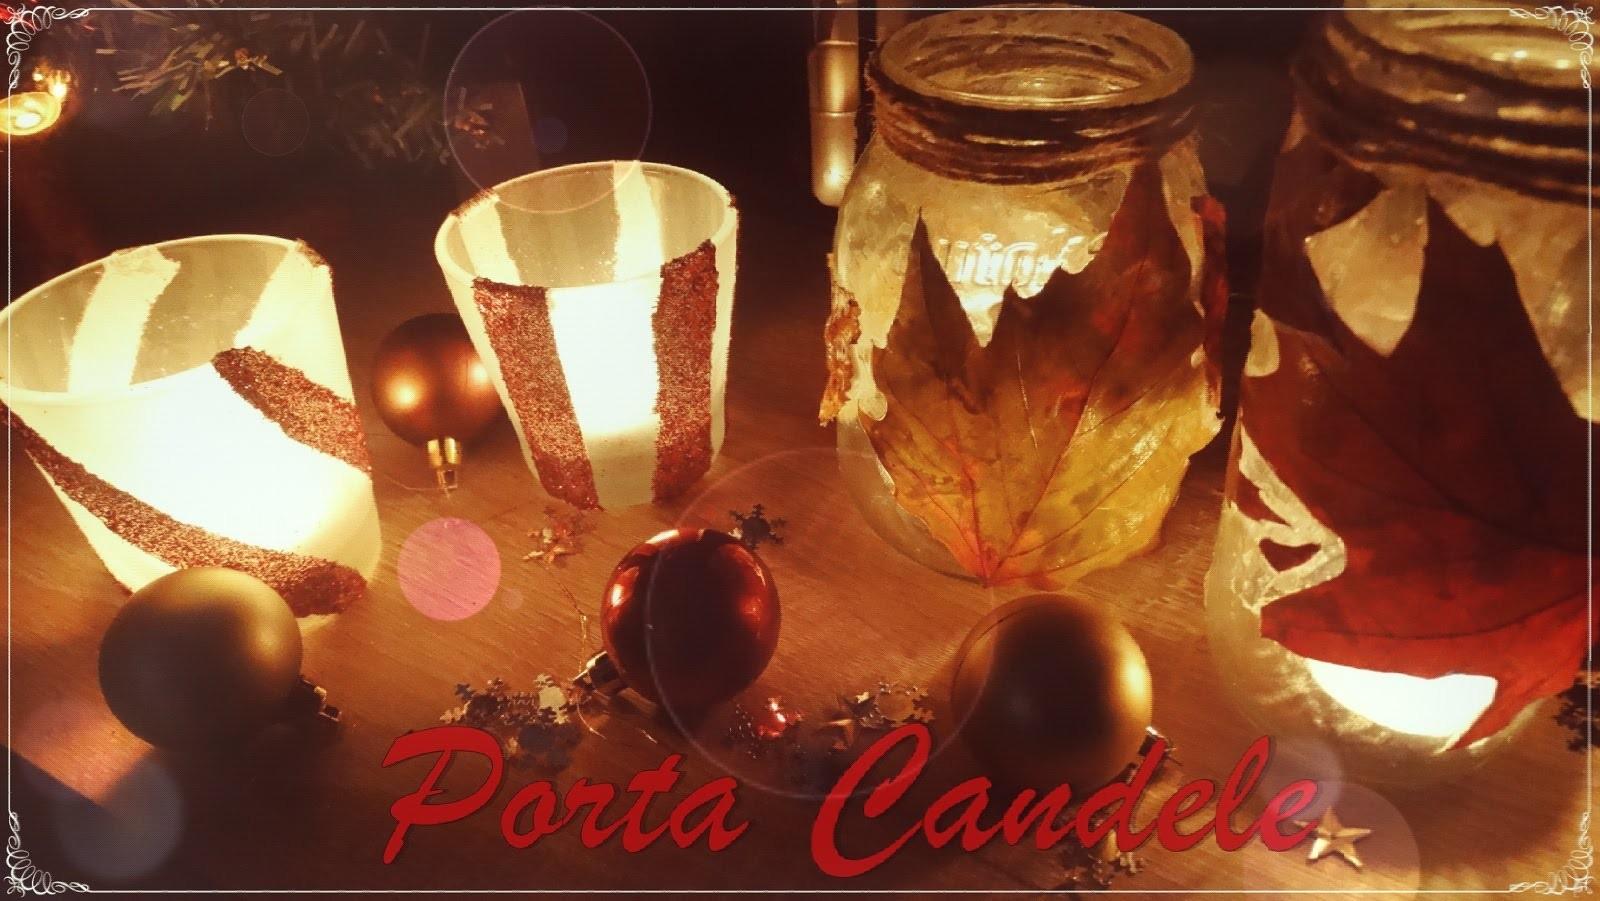 """DIY Porta Candele  ~Riciclo Creativo~ in Collaborazione con il Gruppo """"KettyCentos&Company""""  ❤"""